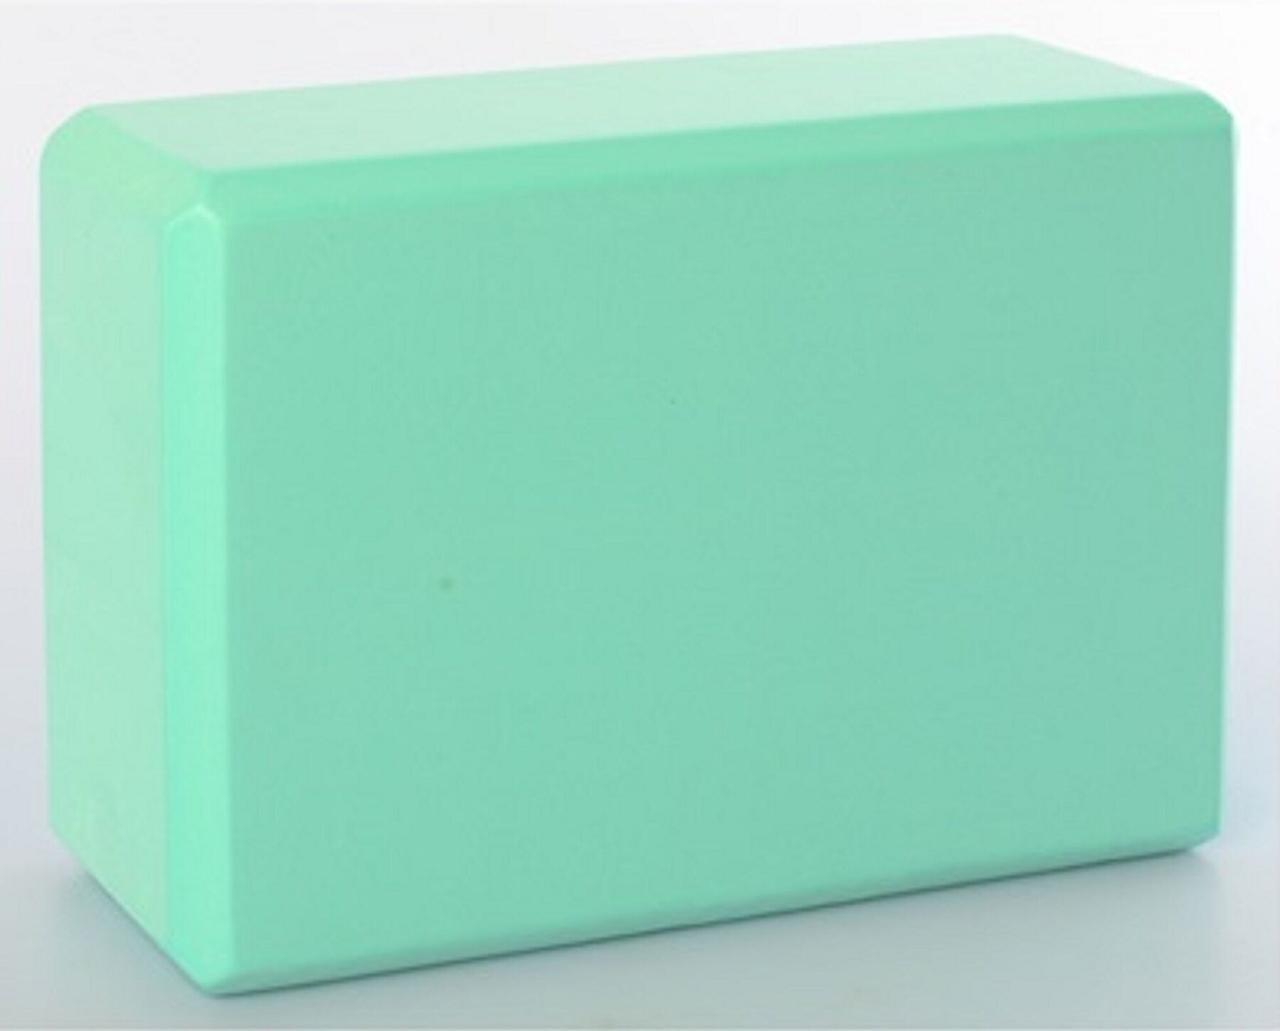 Блок кирпич кубик для йоги мятный MS 0858-3 m